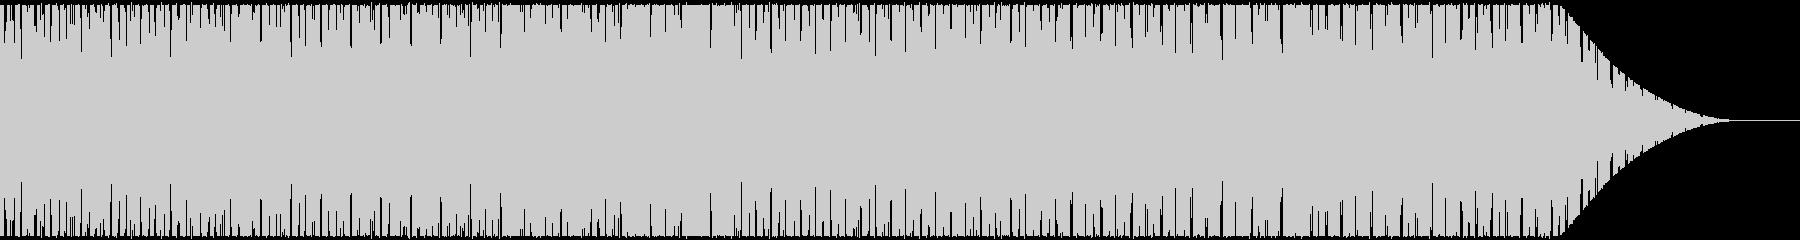 ノリのいいダンスミュージック・ビートの未再生の波形